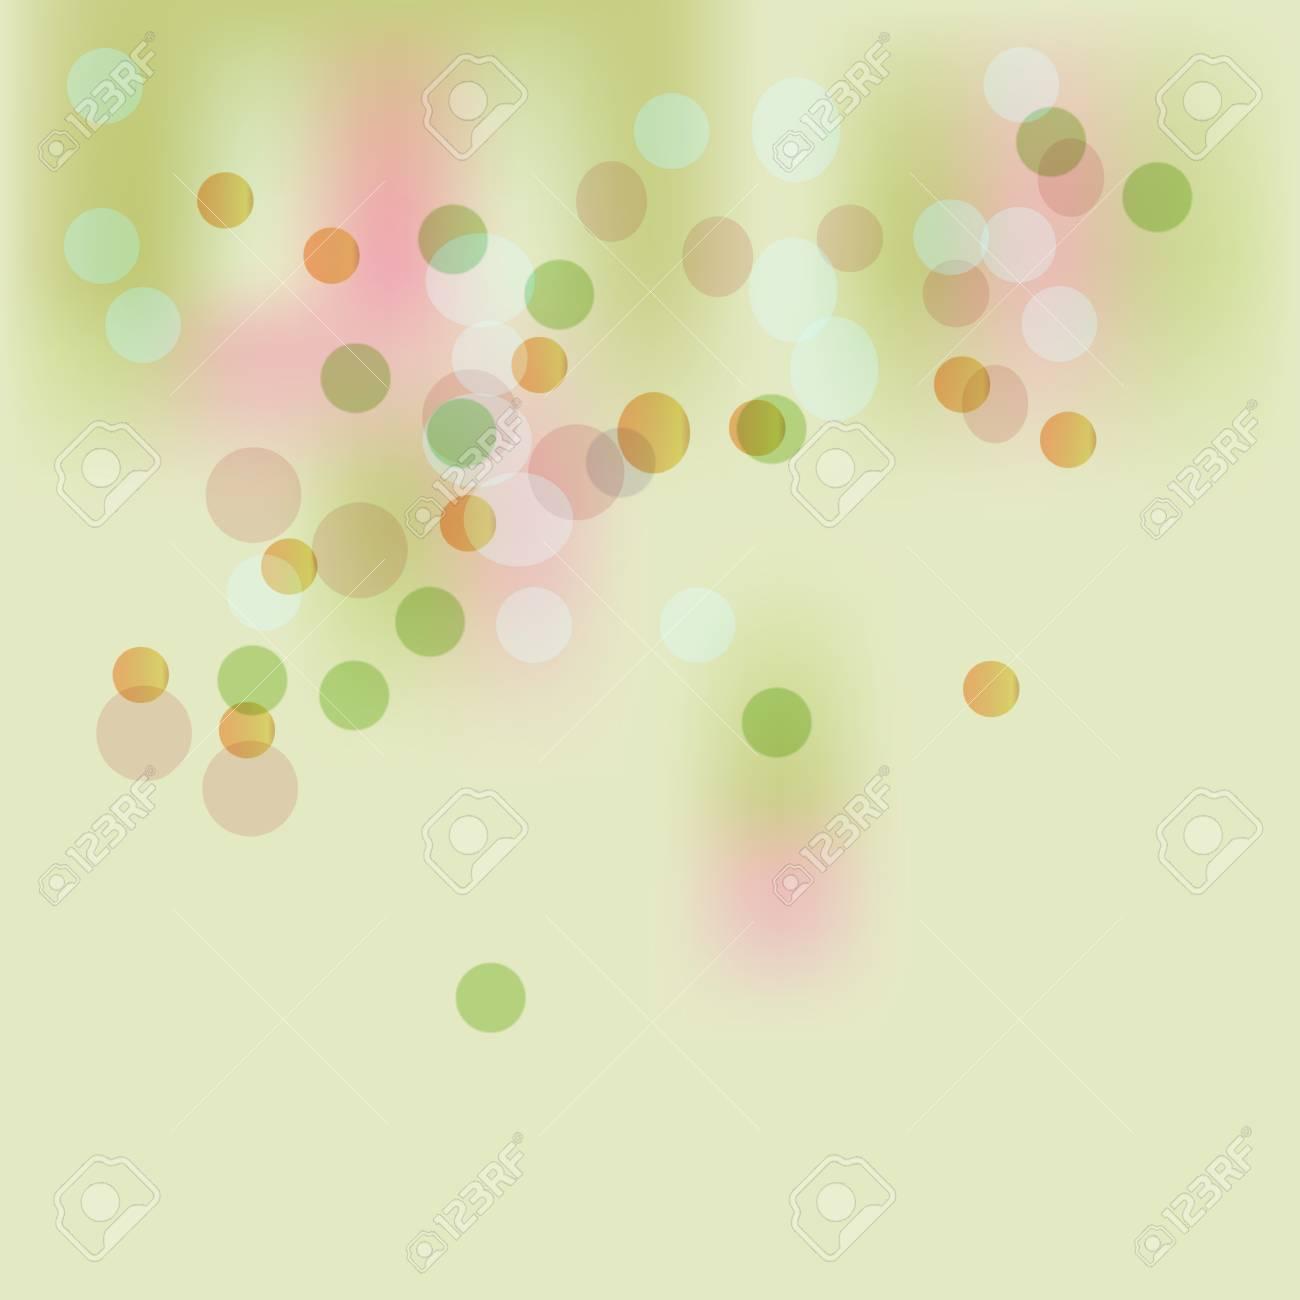 Hermosa Colección De Fondo De Primavera Plantilla Para Invitación Boda Tarjeta De Felicitación O Impresión Diseño Floral De Primavera